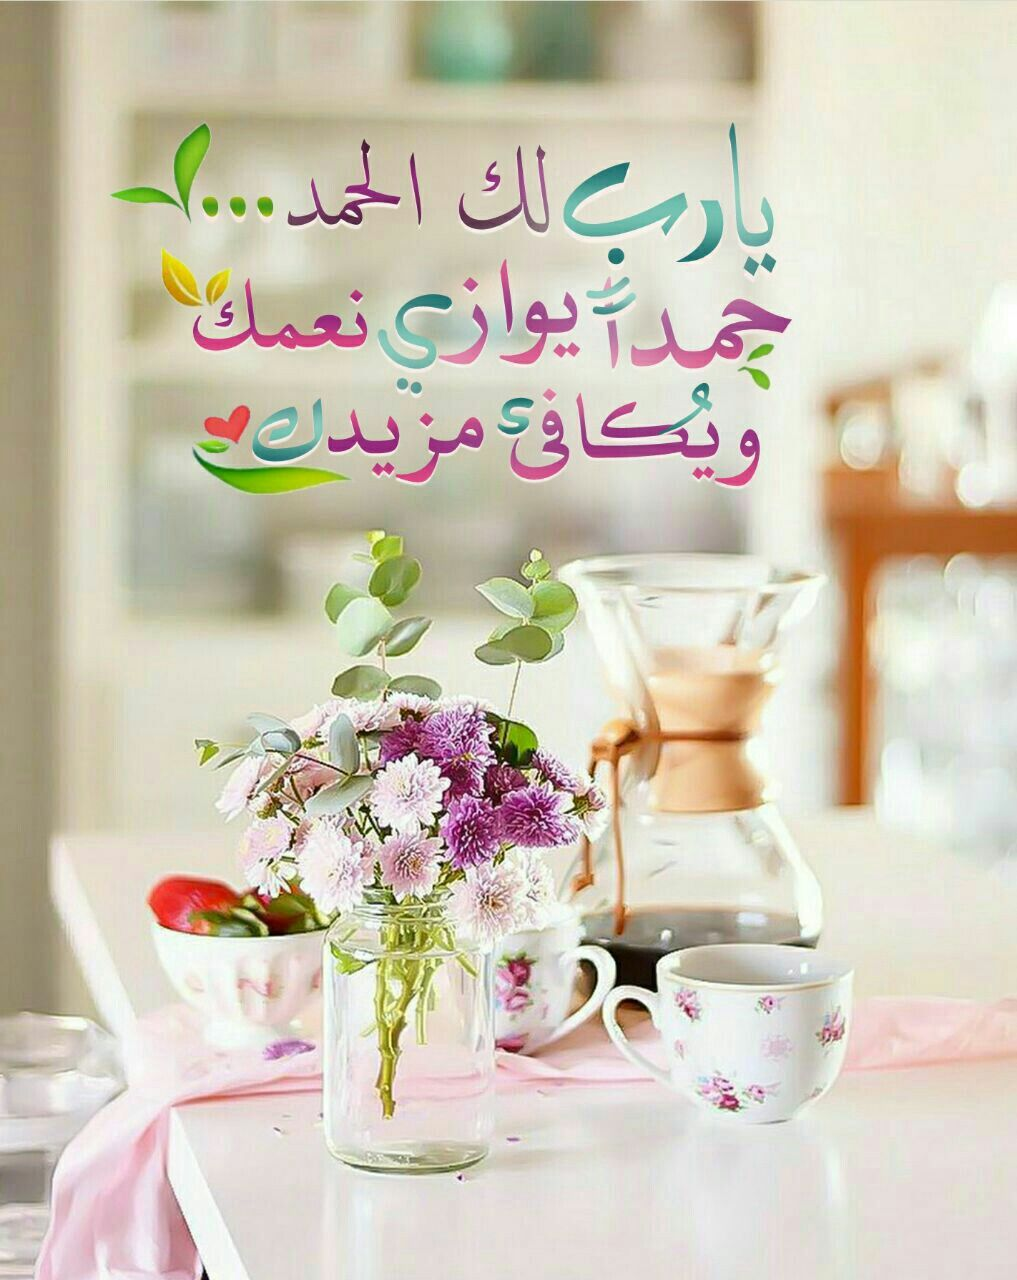 الحمد لل ه رب العالمين حمدا كثيرا طيبا مباركا فيه Islamic Pictures Positive Good Morning Quotes Cellphone Wallpaper